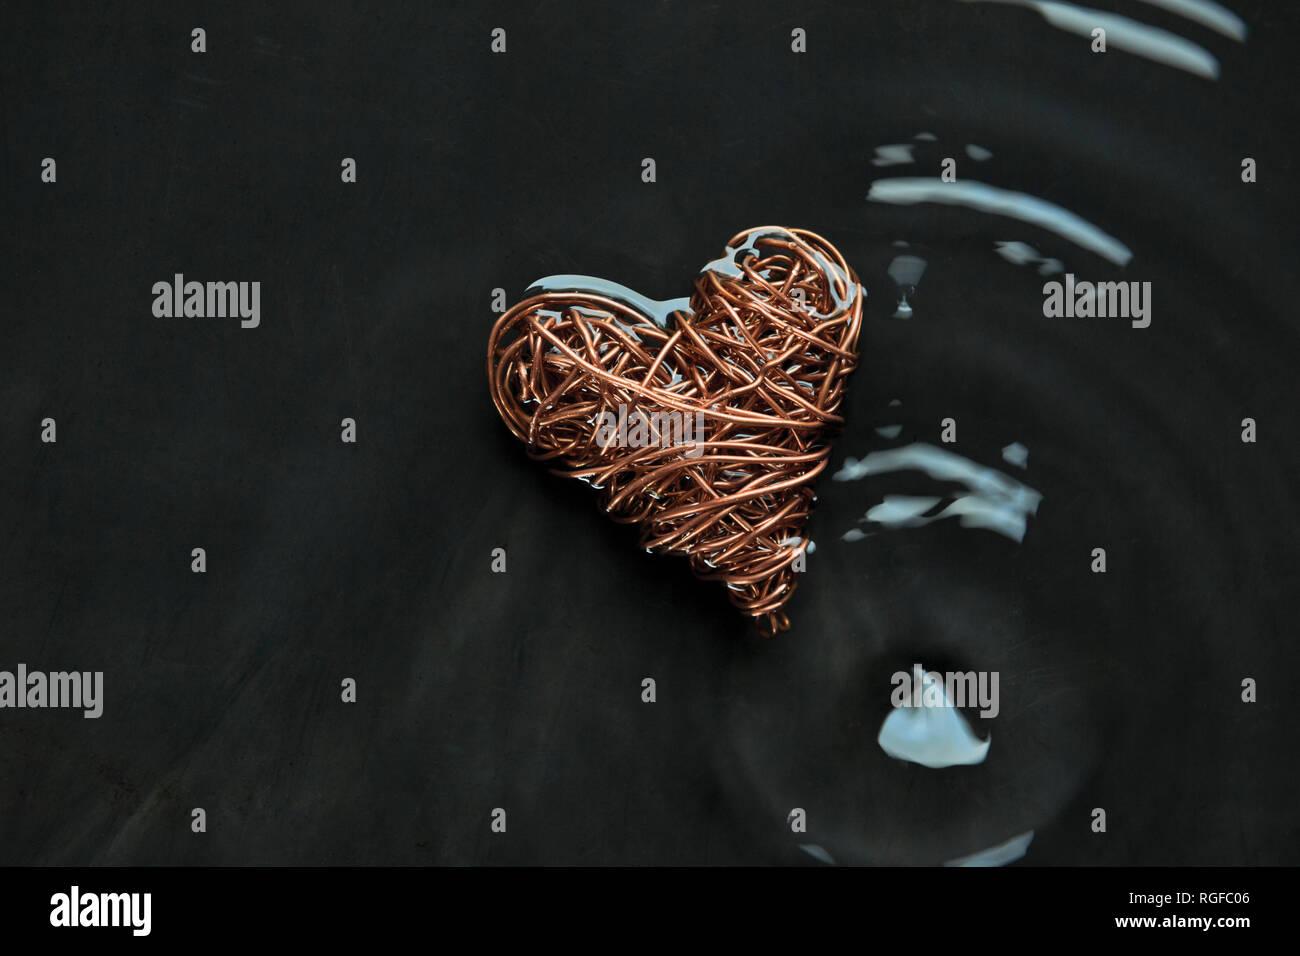 1 alambre anillo alambre corazón 28 cm espesor alambre 0,5 cm